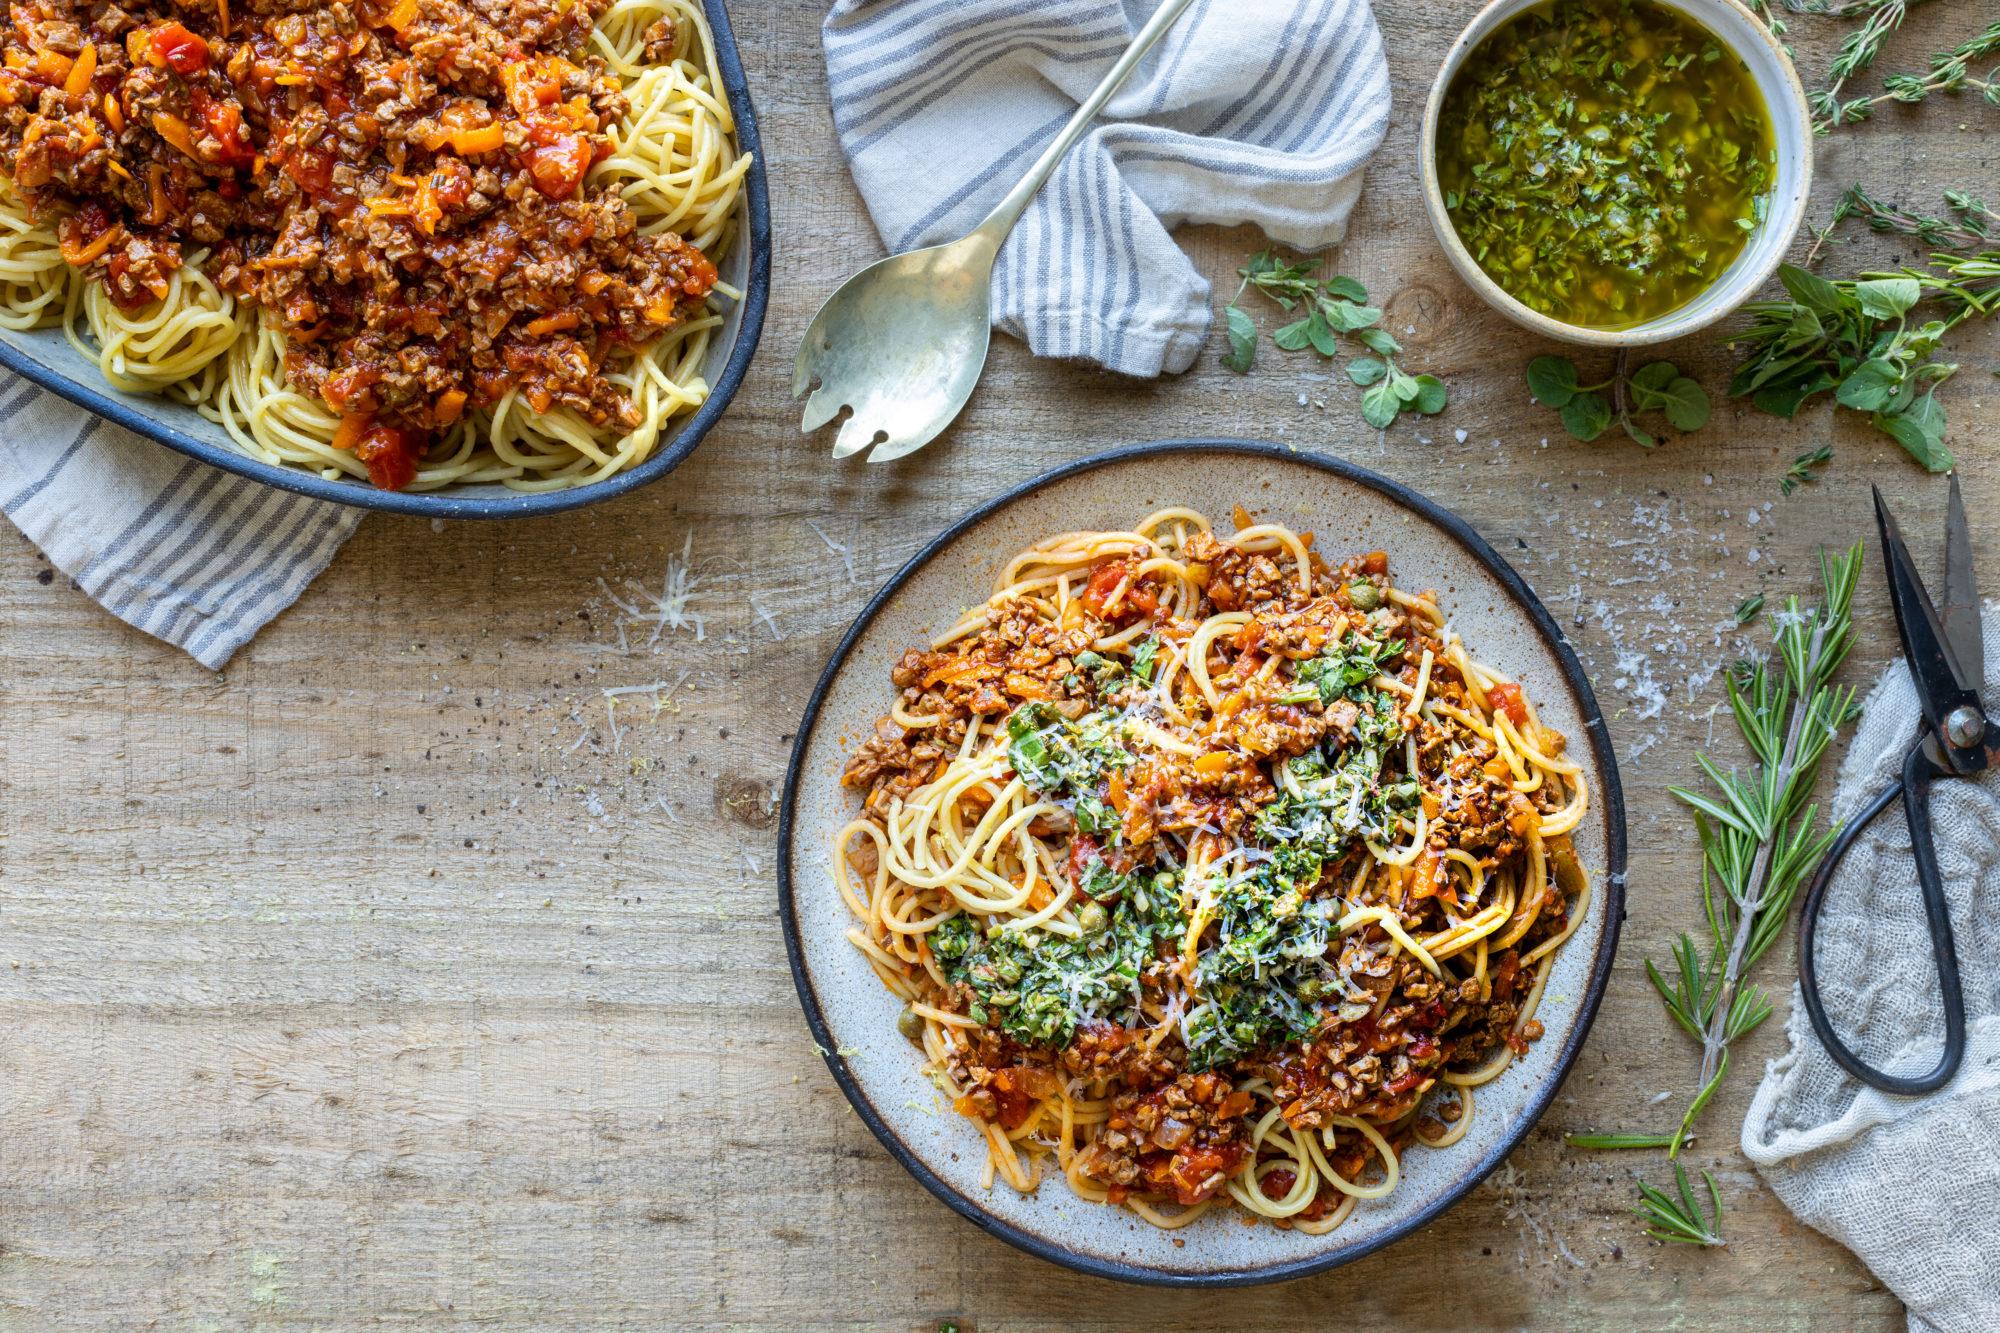 Frys_Spaghetti_bolognese_Salsa_verde